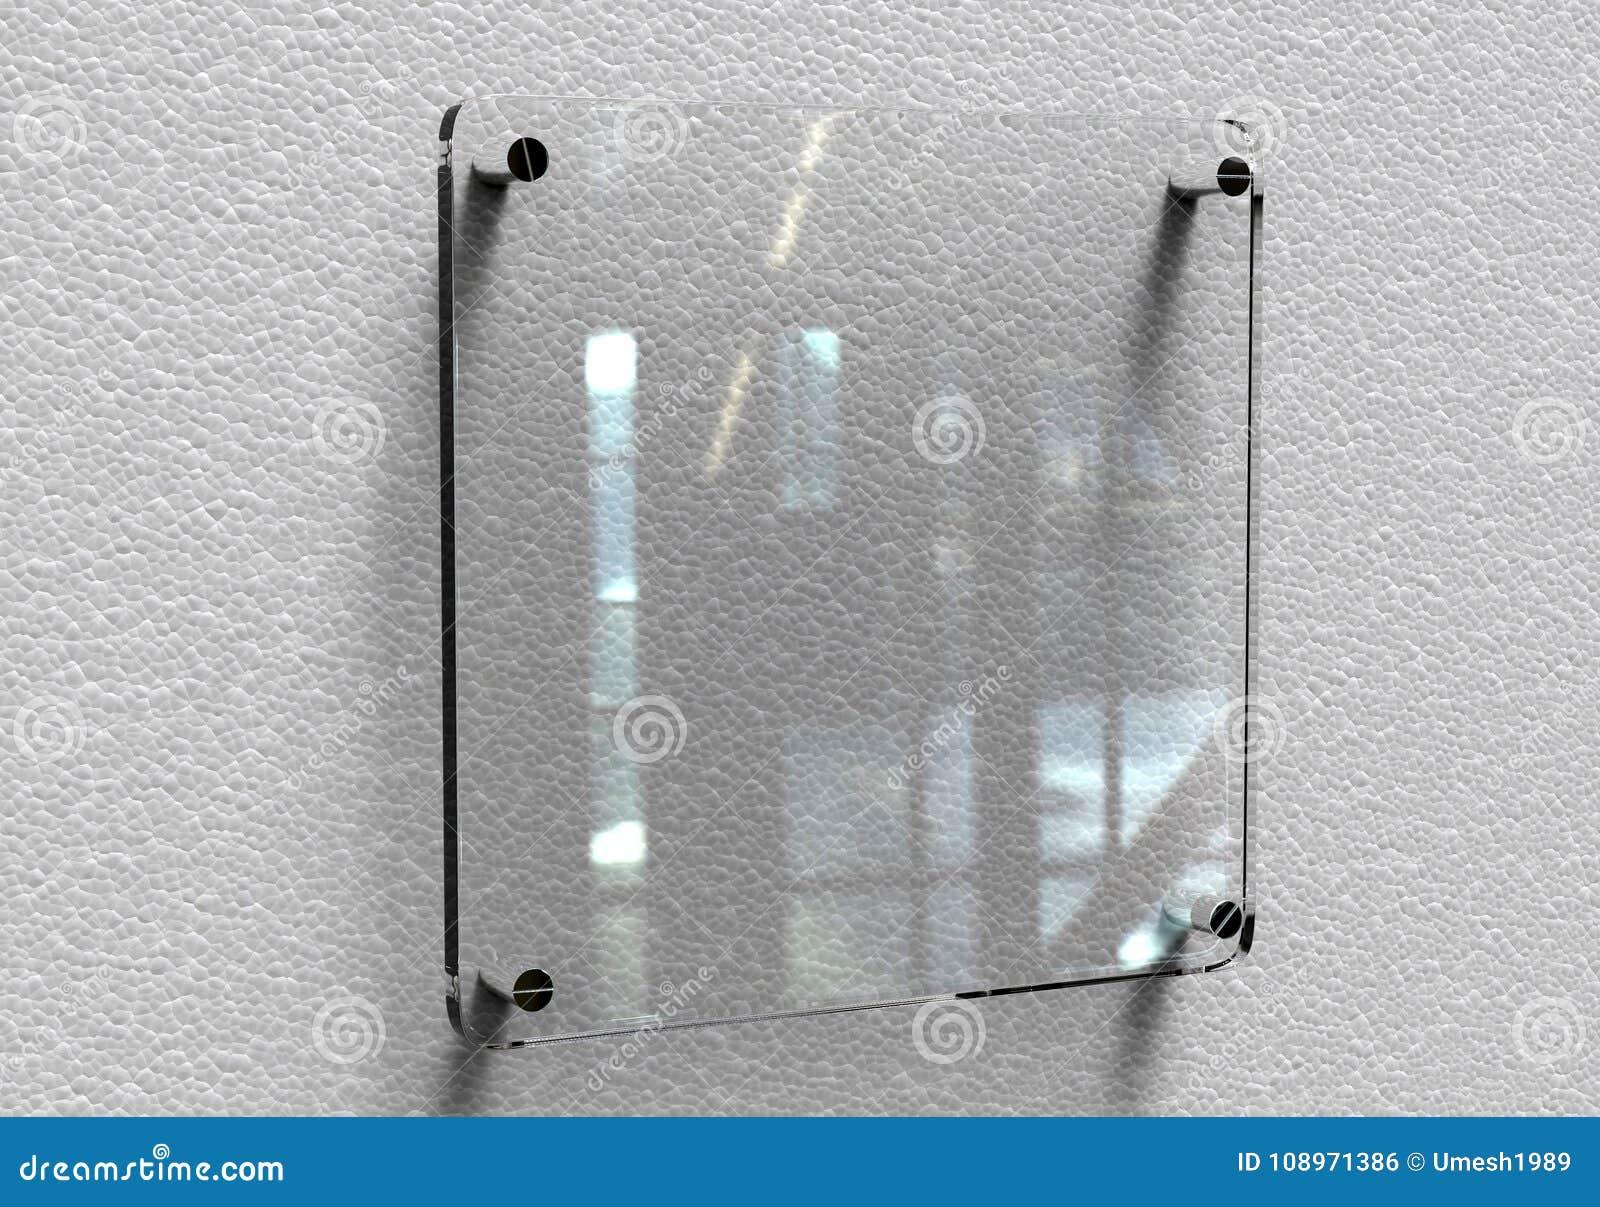 Κενό διαφανές γυαλιού εσωτερικό πρότυπο πιάτων συστημάτων σηματοδότησης γραφείων εταιρικό, τρισδιάστατη απόδοση Χλεύη πιάτων ονόμ